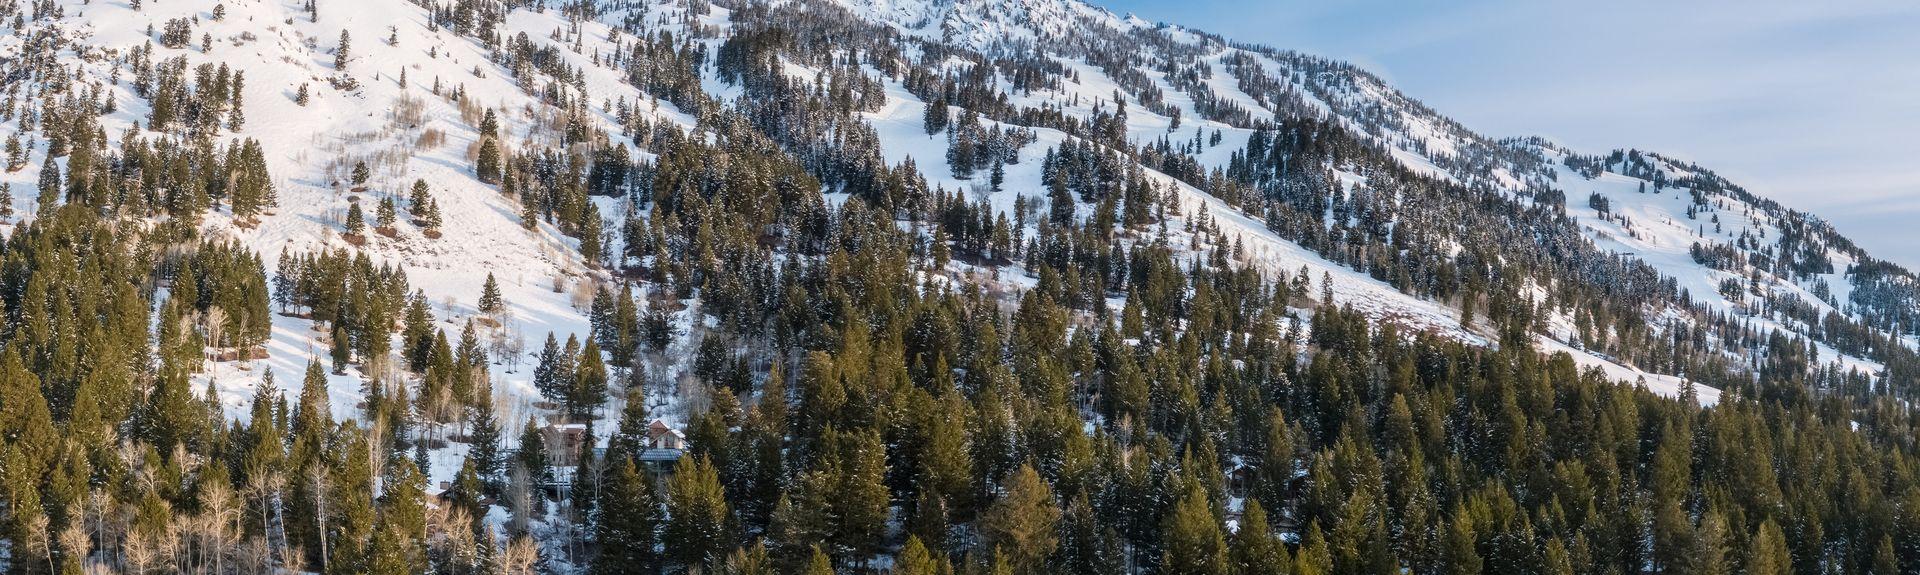 Όρος Moran, Τέτον Ρέιντζ, Γουαϊόμινγκ, Ηνωμένες Πολιτείες